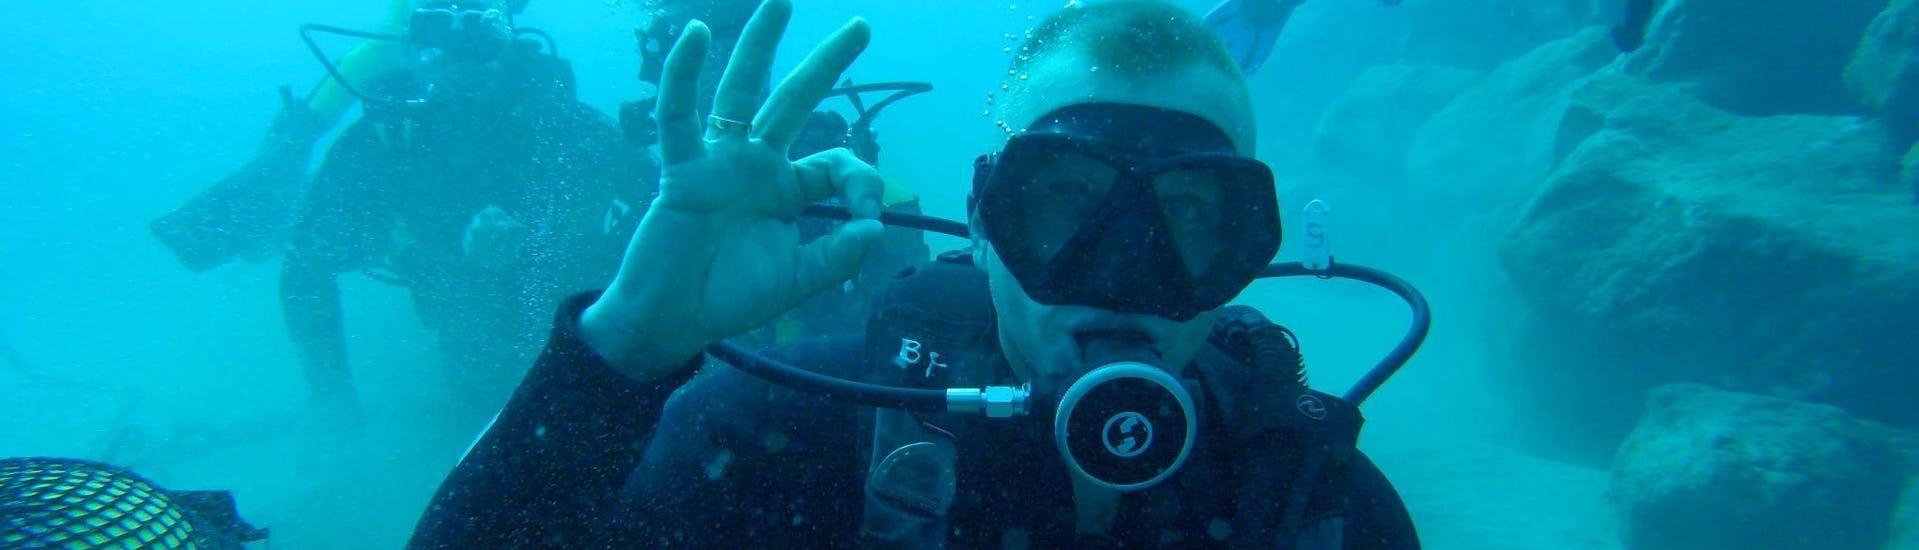 scuba-diving-course-for-beginners-padi-open-water-diver-big-fish-tenerife-hero